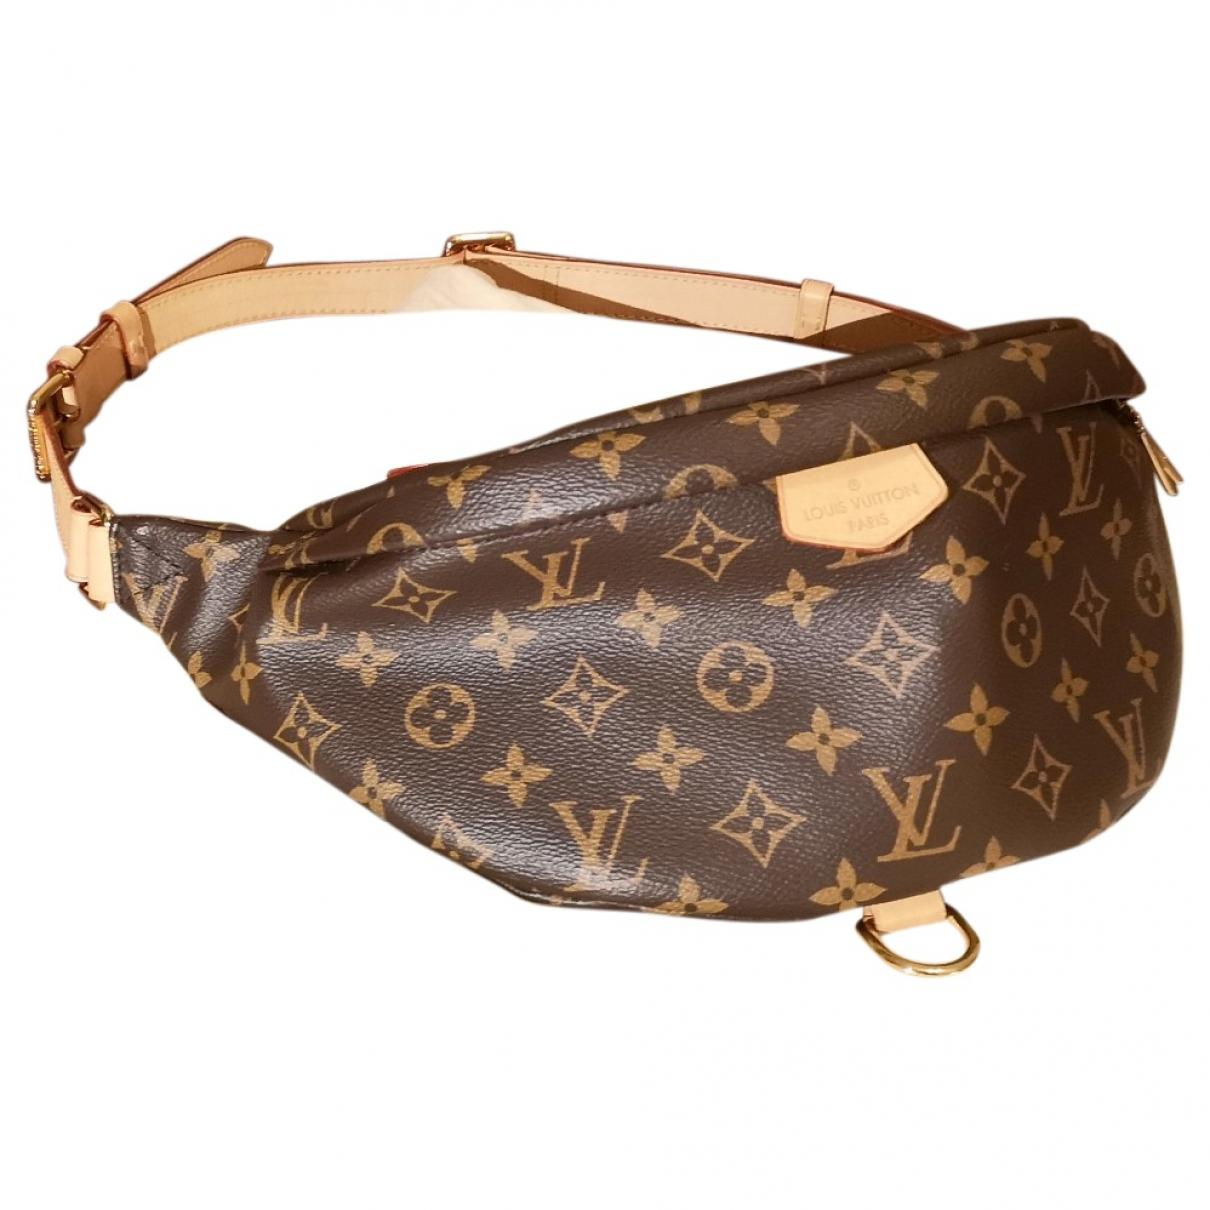 5e7e1781739 Lyst - Pochette Bum Bag   Sac Ceinture en toile Louis Vuitton en ...